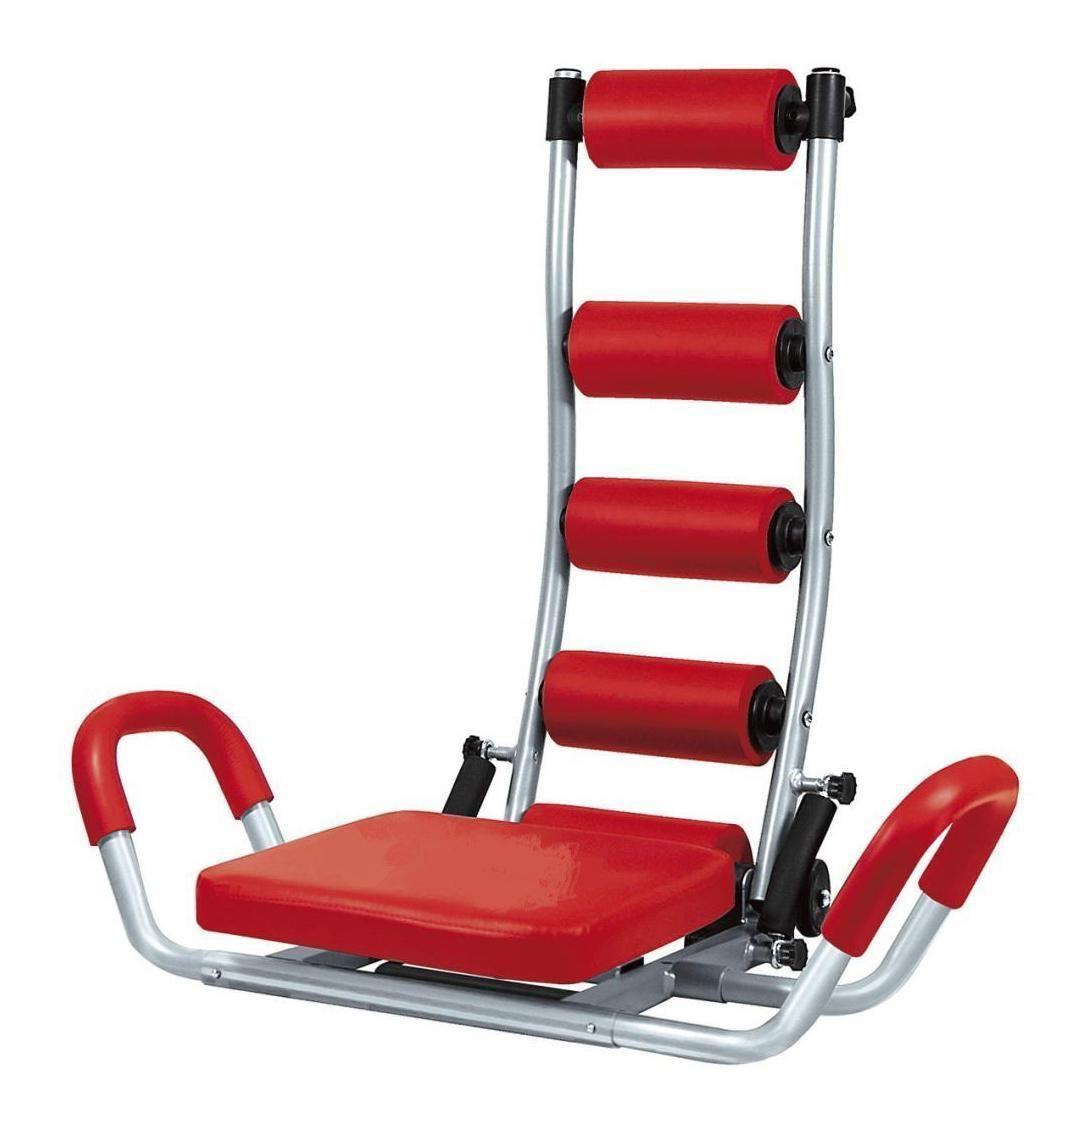 Тренажер AB Rocket Twister для пресса (Аб Рокет Твистер ), для мышц живота, для домаТренажеры для пресса<br>Тренажер для пресса AB Rocket Twister (Аб Рокет Твистер )<br><br>Вы мечтаете о стройной и красивой фигуре? Тогда вам прямая дорога в тренажерный зал. Ведь только регулярные тренировки помогут сбросить лишний вес и хоть немного приблизиться к мечте.<br><br><br>А что делать тем, кто совершенно не имеет времени для посещения фитнес-центра? Дом, семья, регулярные завалы на работе не оставляют ни одной свободной минуты? Тогда вам просто необходим тренажер для пресса AB Rocket Twister. Эта замечательная новинка появилась на рынке спортивных товаров сравнительно недавно и уже завоевала множество положительных отзывов.<br><br><br>«Аб Рокет Твистер» — простой и довольно дешевый способ подтянуть верхний и нижний пресс, укрепить косые мышцы живота, избавиться от пресловутых «ушек» в области бедер. Все это по доступной цене и прямо у вас дома!<br><br><br><br><br>Особенности AB Rocket Twister<br><br>Если вы уже знакомы с предыдущей версией супер-тренажера «Аб Рокет», то обязательно обратите внимание на новую функцию. Тренажер для мышц живота AB Rocket Twister оснащен системой поворота. Достаточного легкого движения руки и сиденье начнет вращаться из стороны в сторону, избавляя вас от жировых отложений на боках. Нужно просто вытащить небольшой фиксирующий элемент и комплекс упражнений станет значительно разнообразнее.<br><br><br>Если вы когда-либо интересовались отзывами начинающих спортсменов, то наверняка знаете как сильно болит спина и шея после выполнения упражнений на пресс. С тренажером для пресса «Аб Рокет Твистер» это исключено. Стальная рамочная конструкция, четыре мягких валика и подголовник обеспечат надежную защиту вашей спины.<br><br><br>Любите массаж, но отказываете себе в удовольствии, так как поход к профессионалу стоит недешево? AB Rocket Twister выручит вас и в этой ситуации. Мягкие, но упругие валики обеспечат сеанс лечебного массажа прямо во время заняти